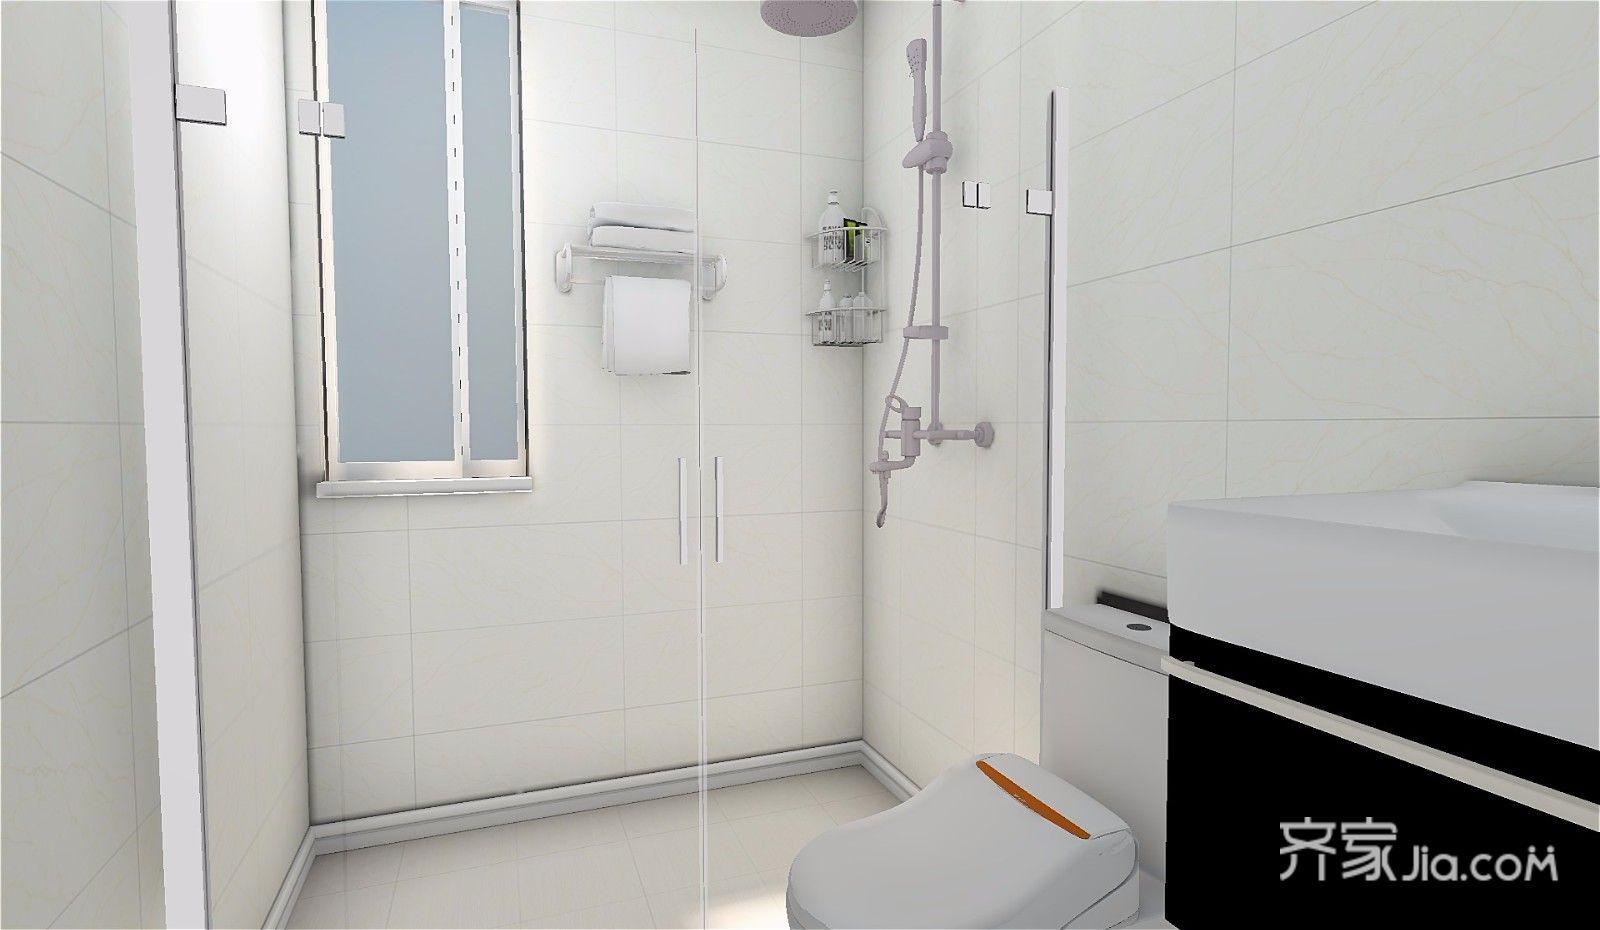 73平简约三居室装修淋浴房设计效果图